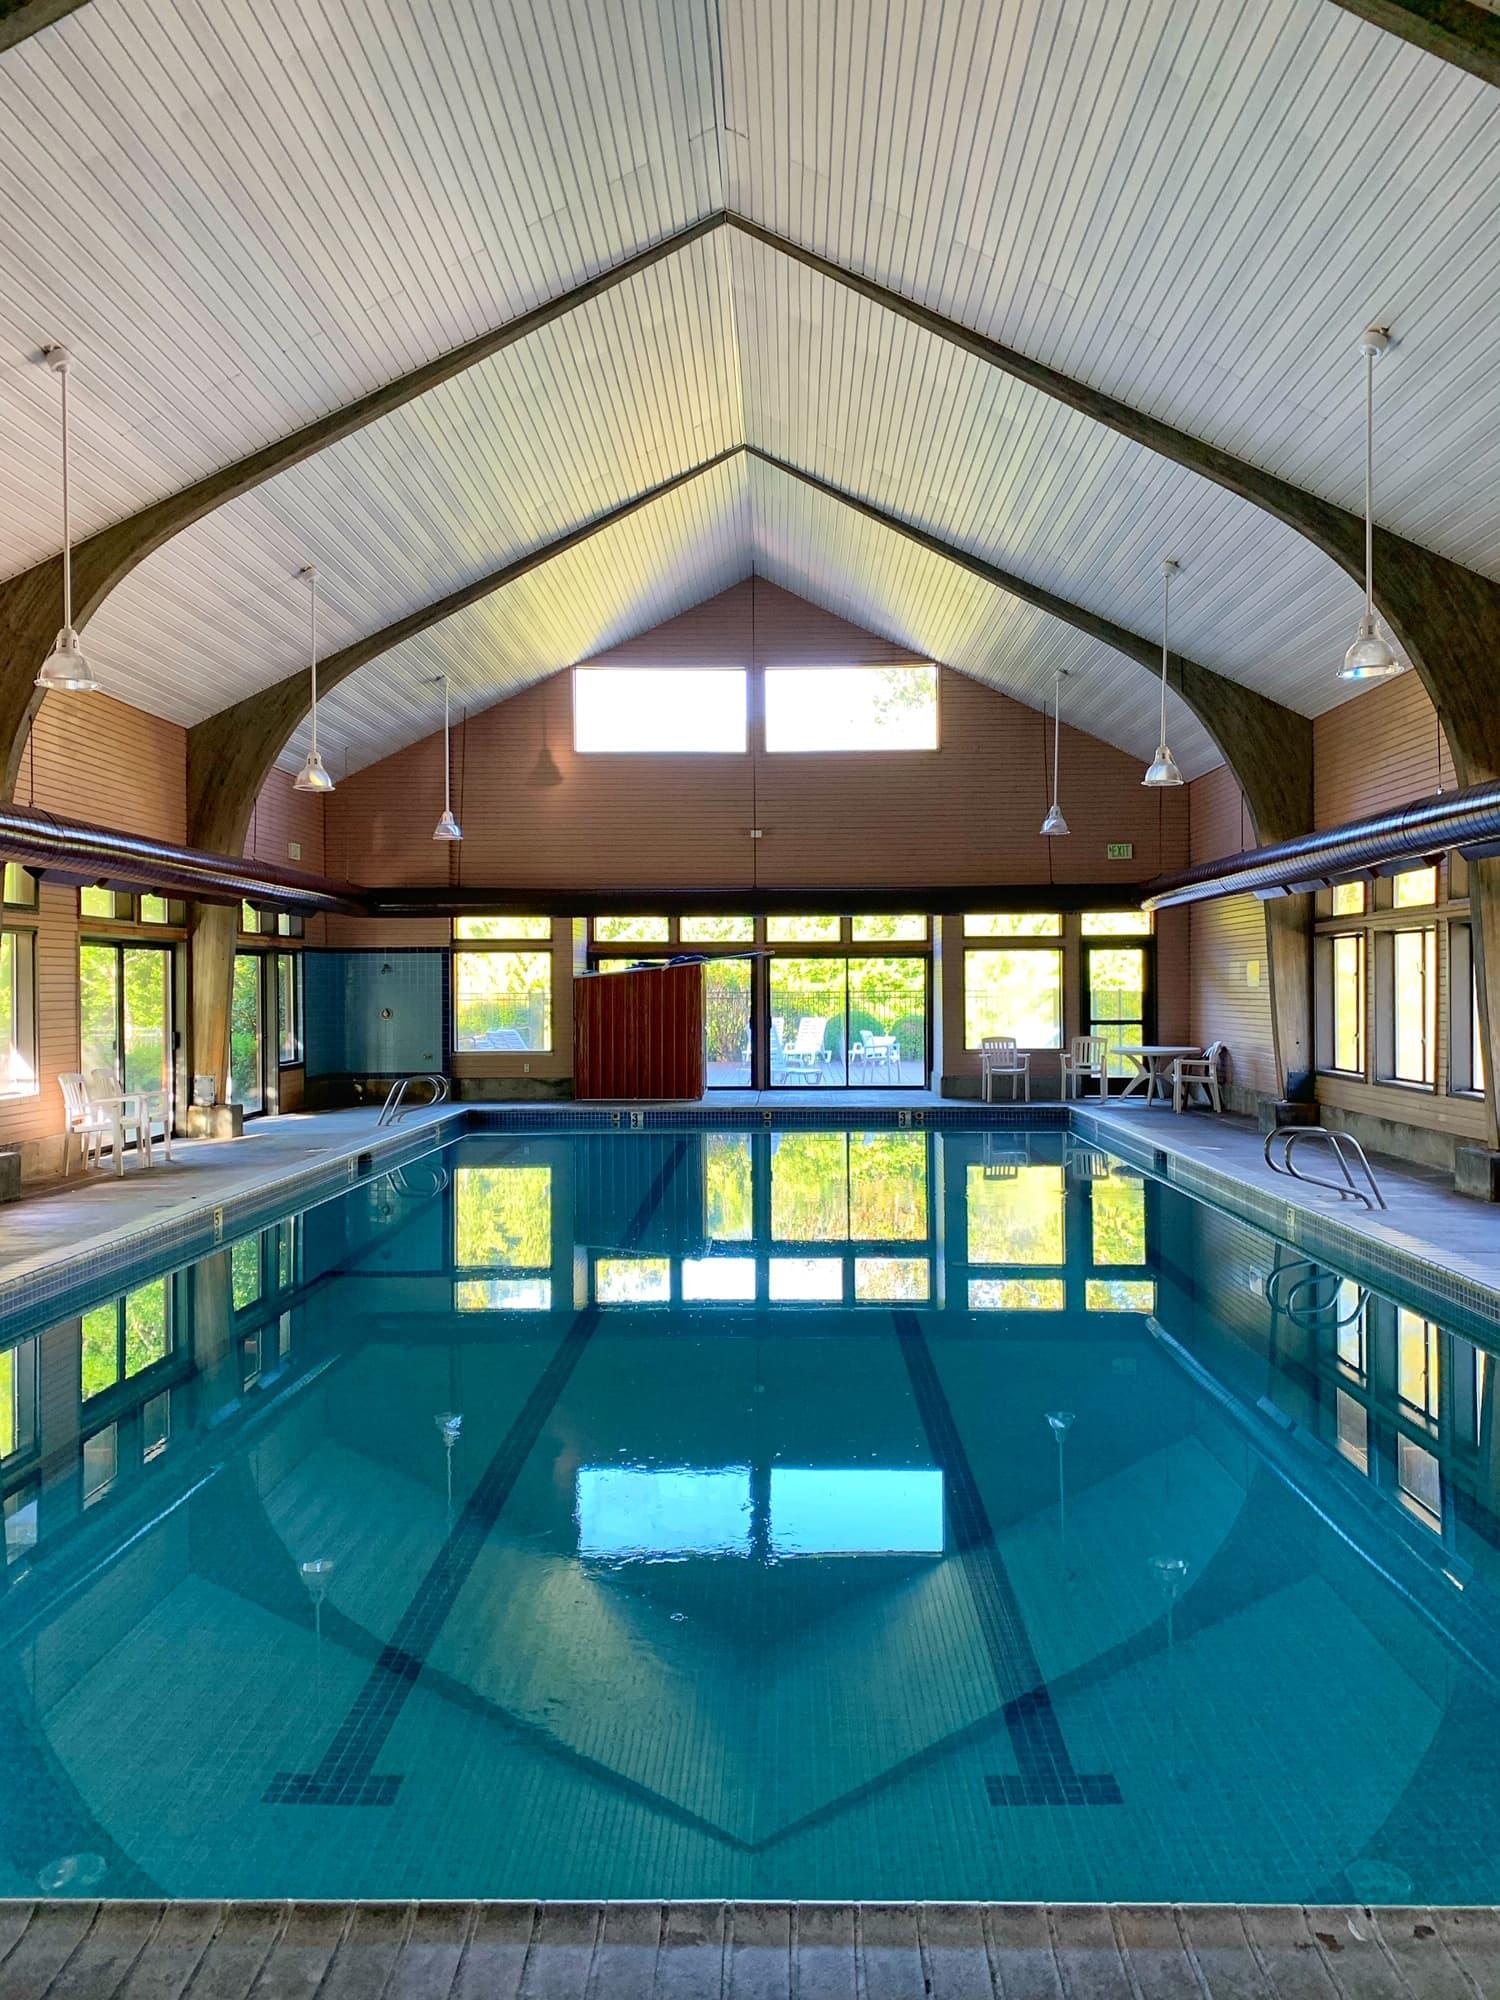 mt hood village pool